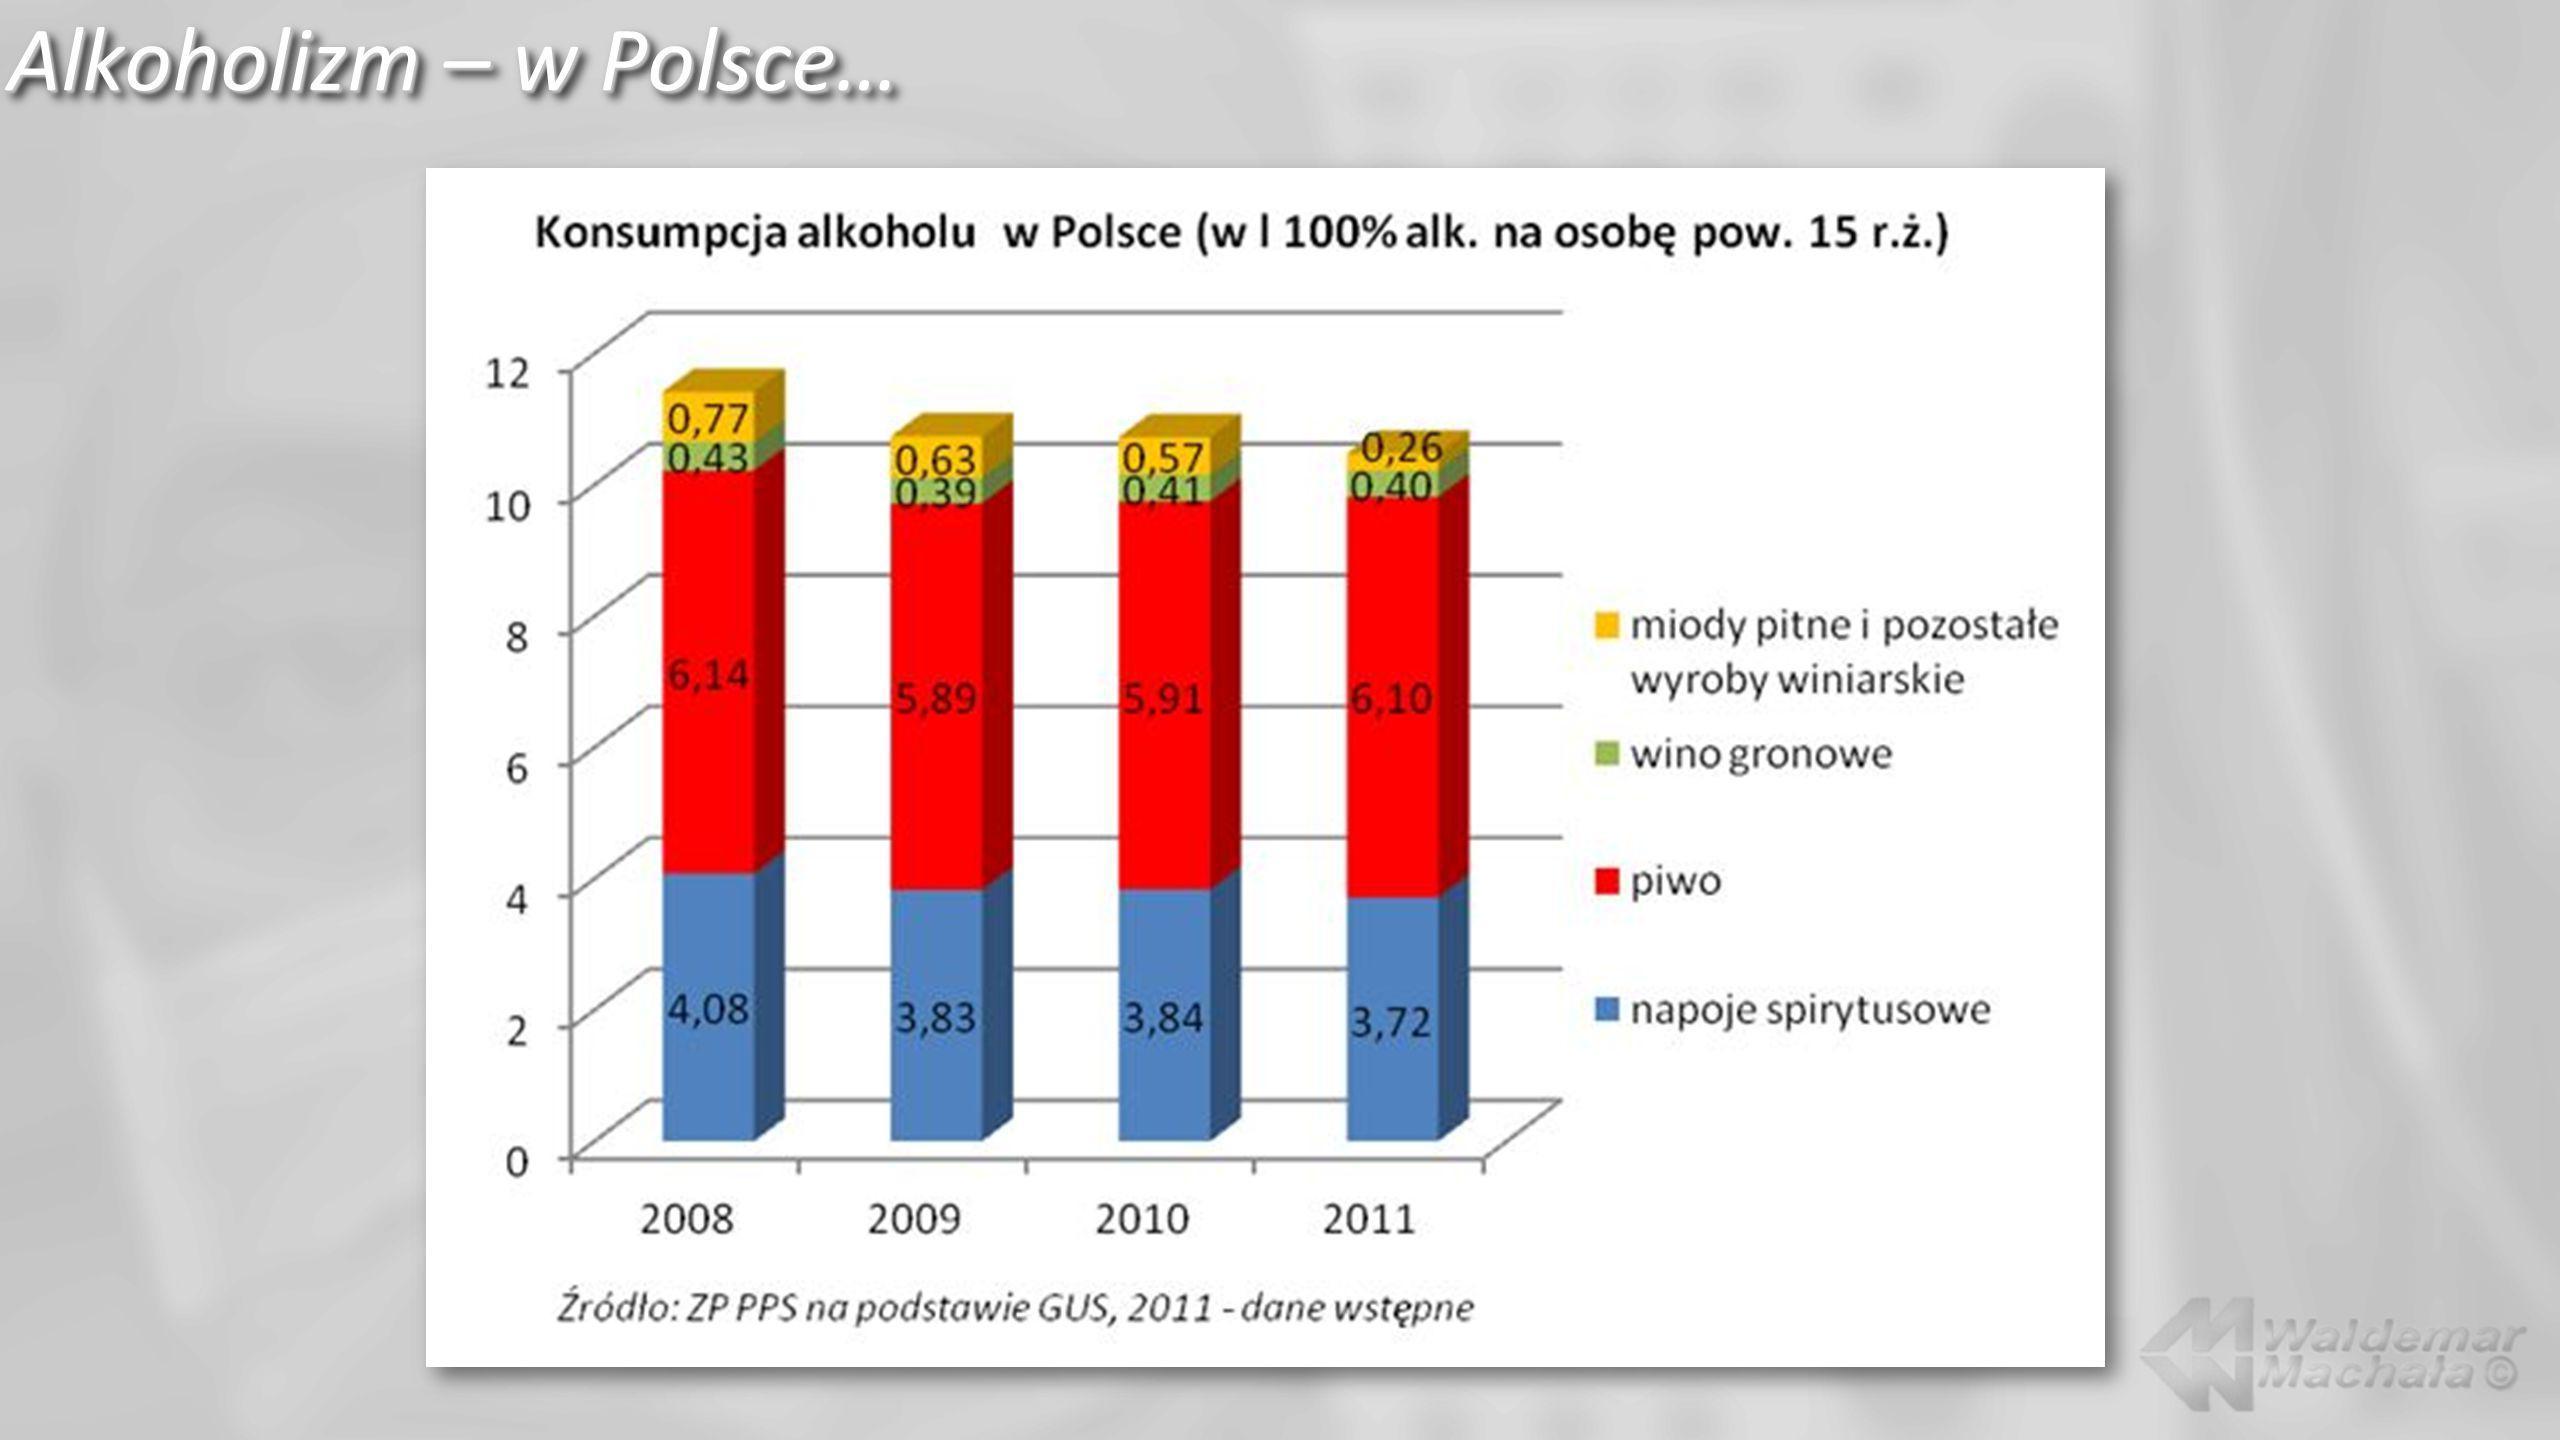 Alkoholizm – w Polsce…